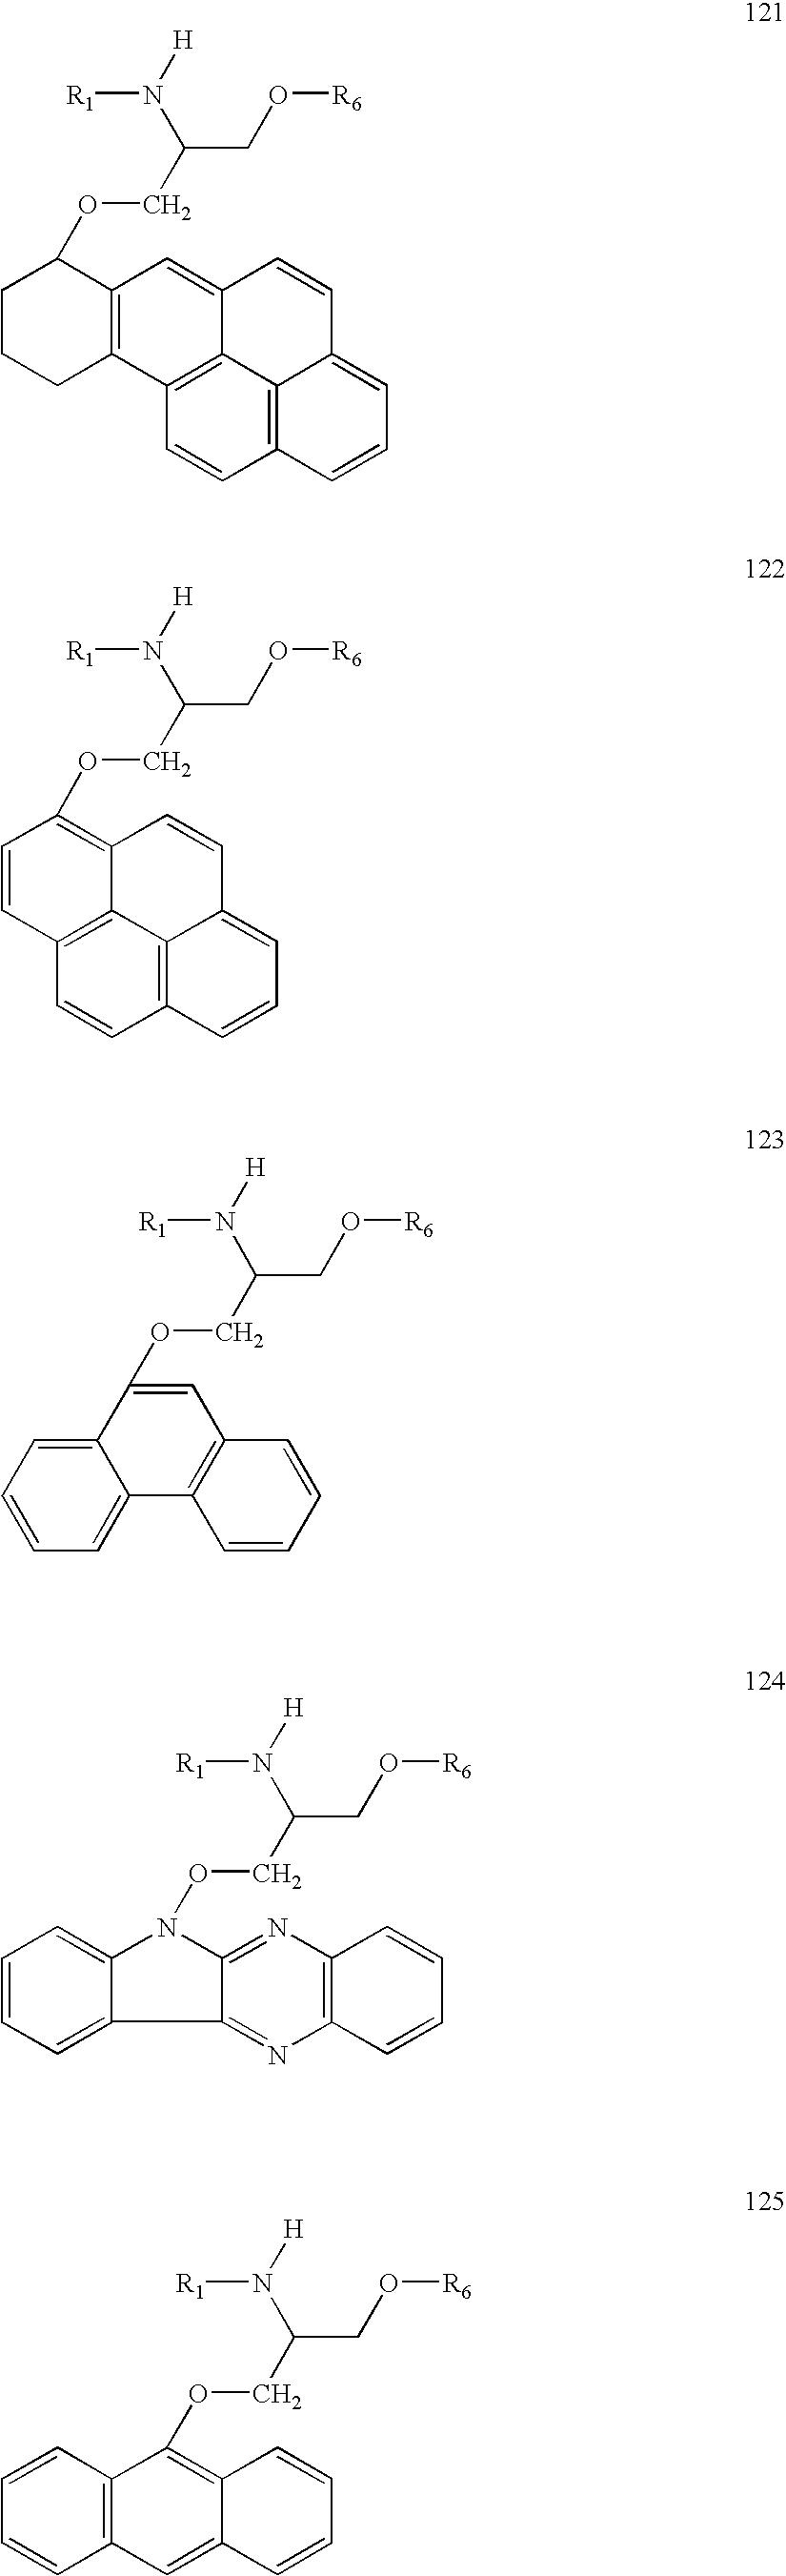 Figure US20060014144A1-20060119-C00114